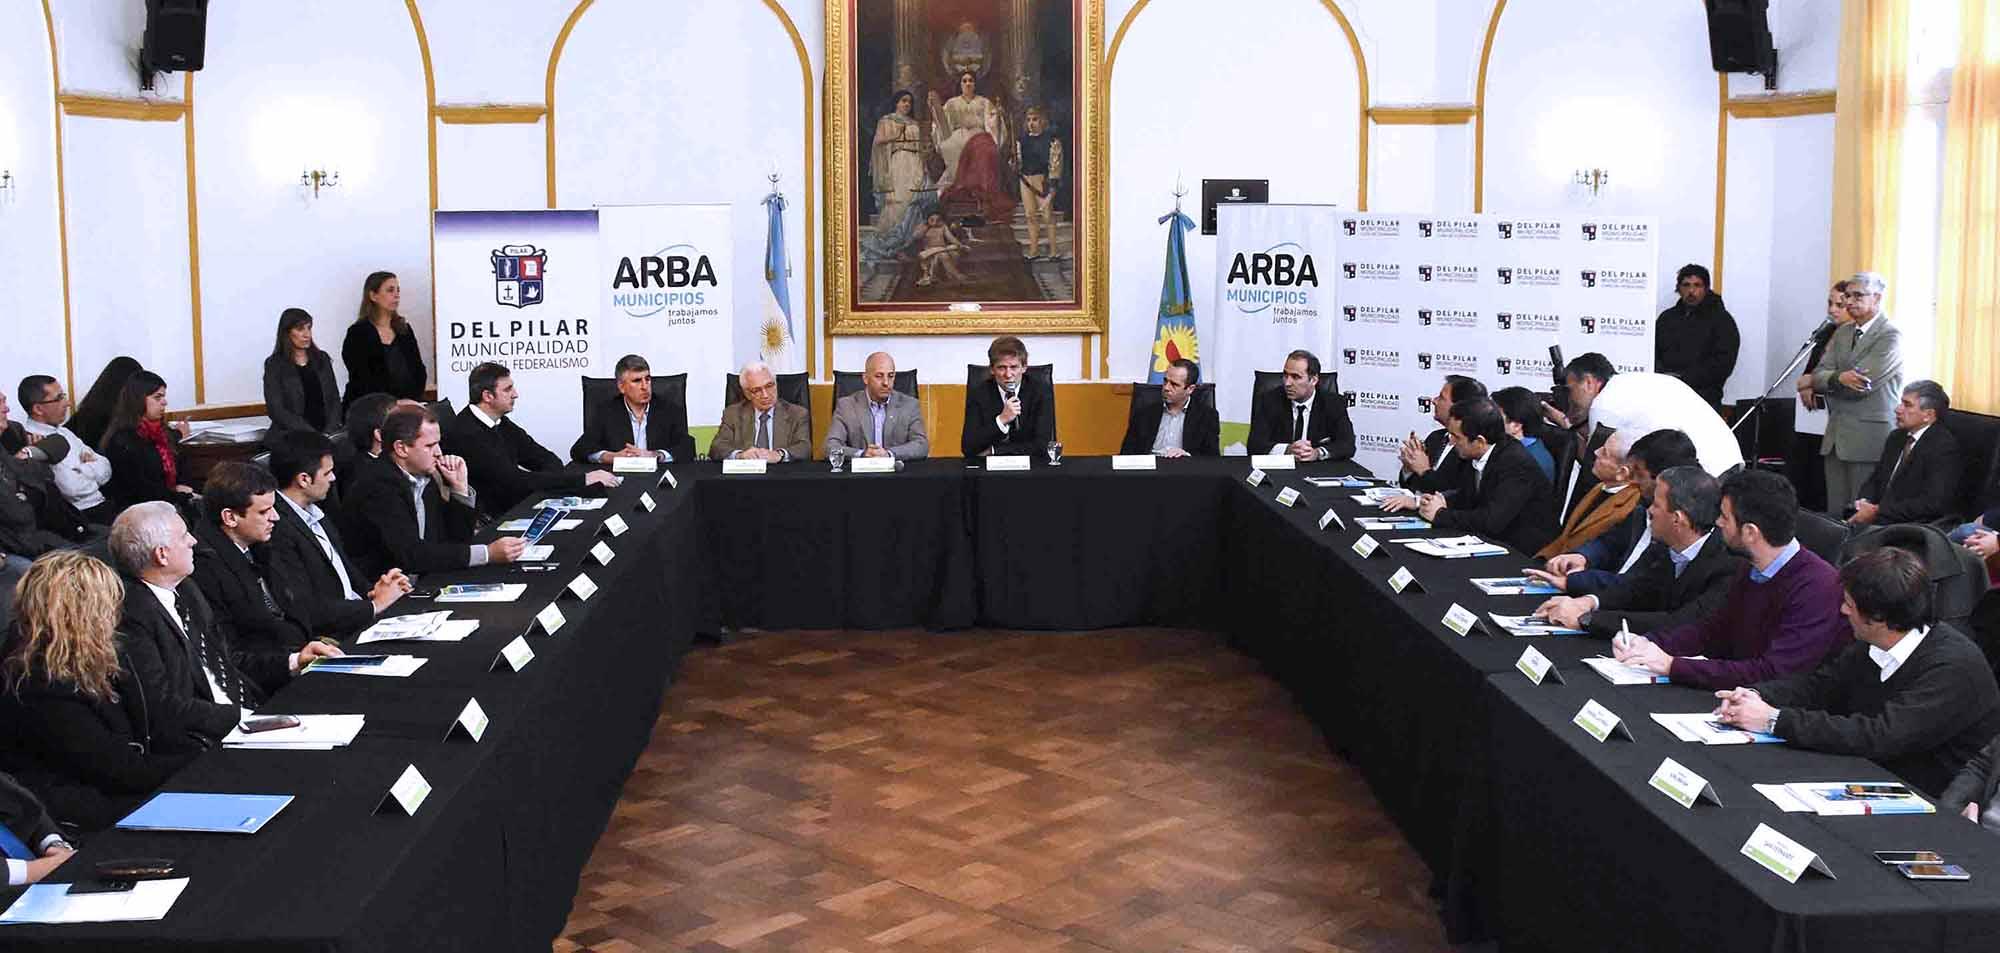 ARBA aportará tecnología satelital a municipios